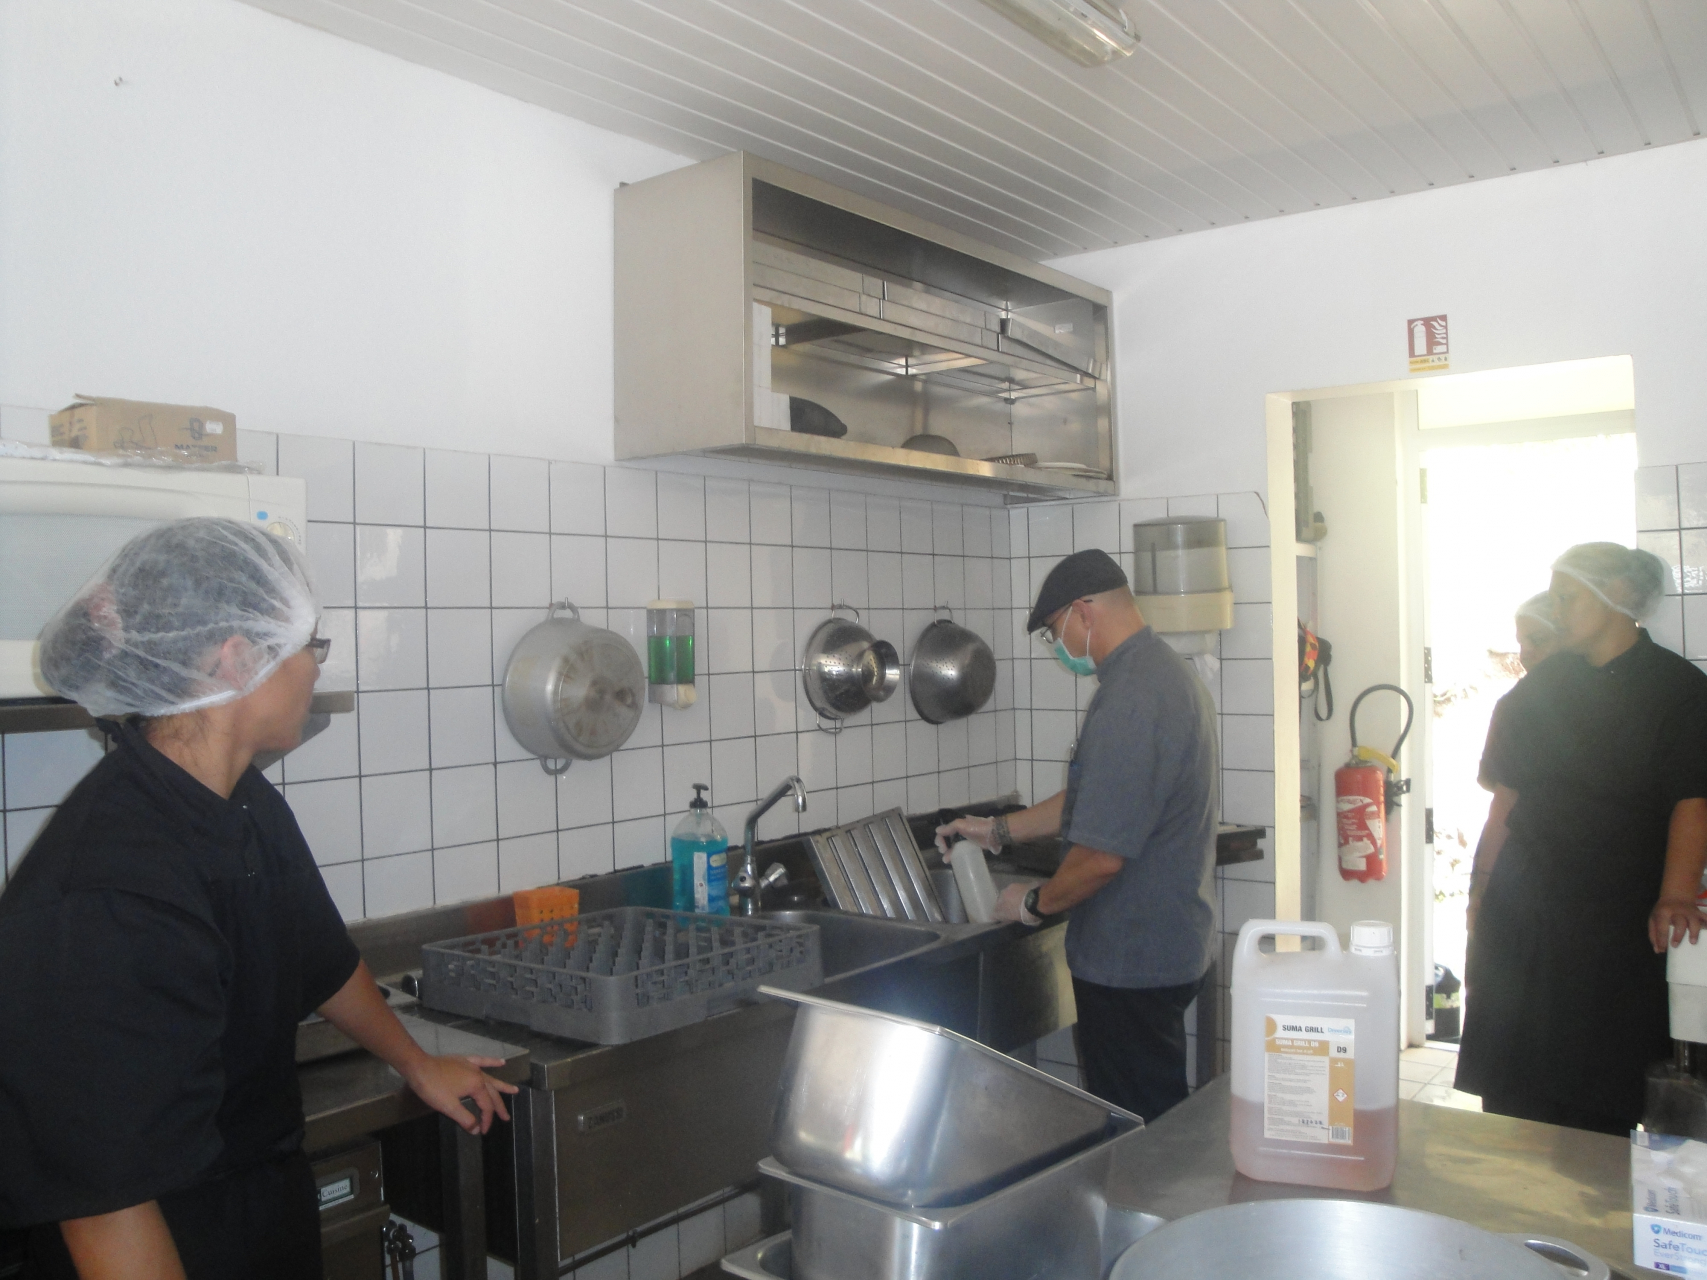 De futurs commis de cuisine chinoise en formation la - Formation chef de cuisine ...